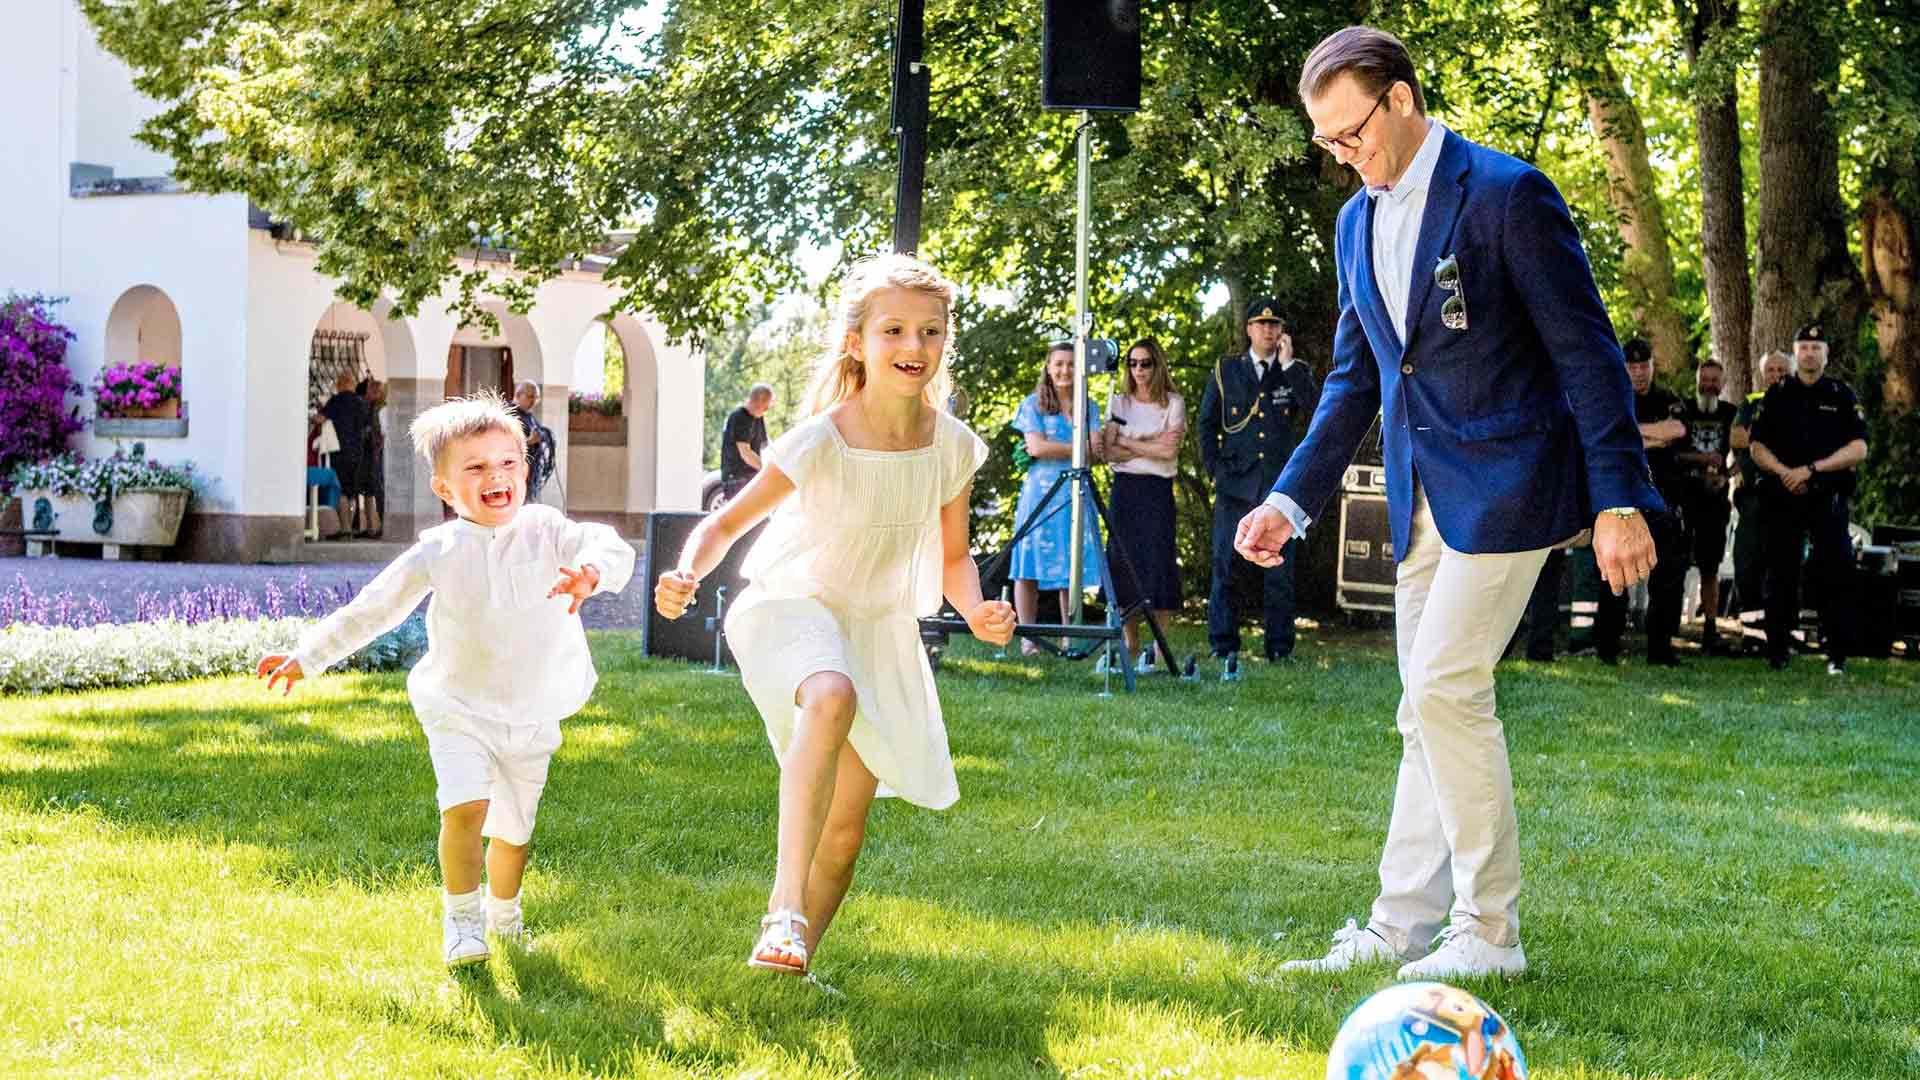 Entisenä kuntosaliyrittäjänä prinssi Daniel on ollut huolissaan lasten vähäisestä liikkumisesta. Hän on kertonut, että isosisko Estellen esimerkki kannustaa myös Oscaria urheilemaan.